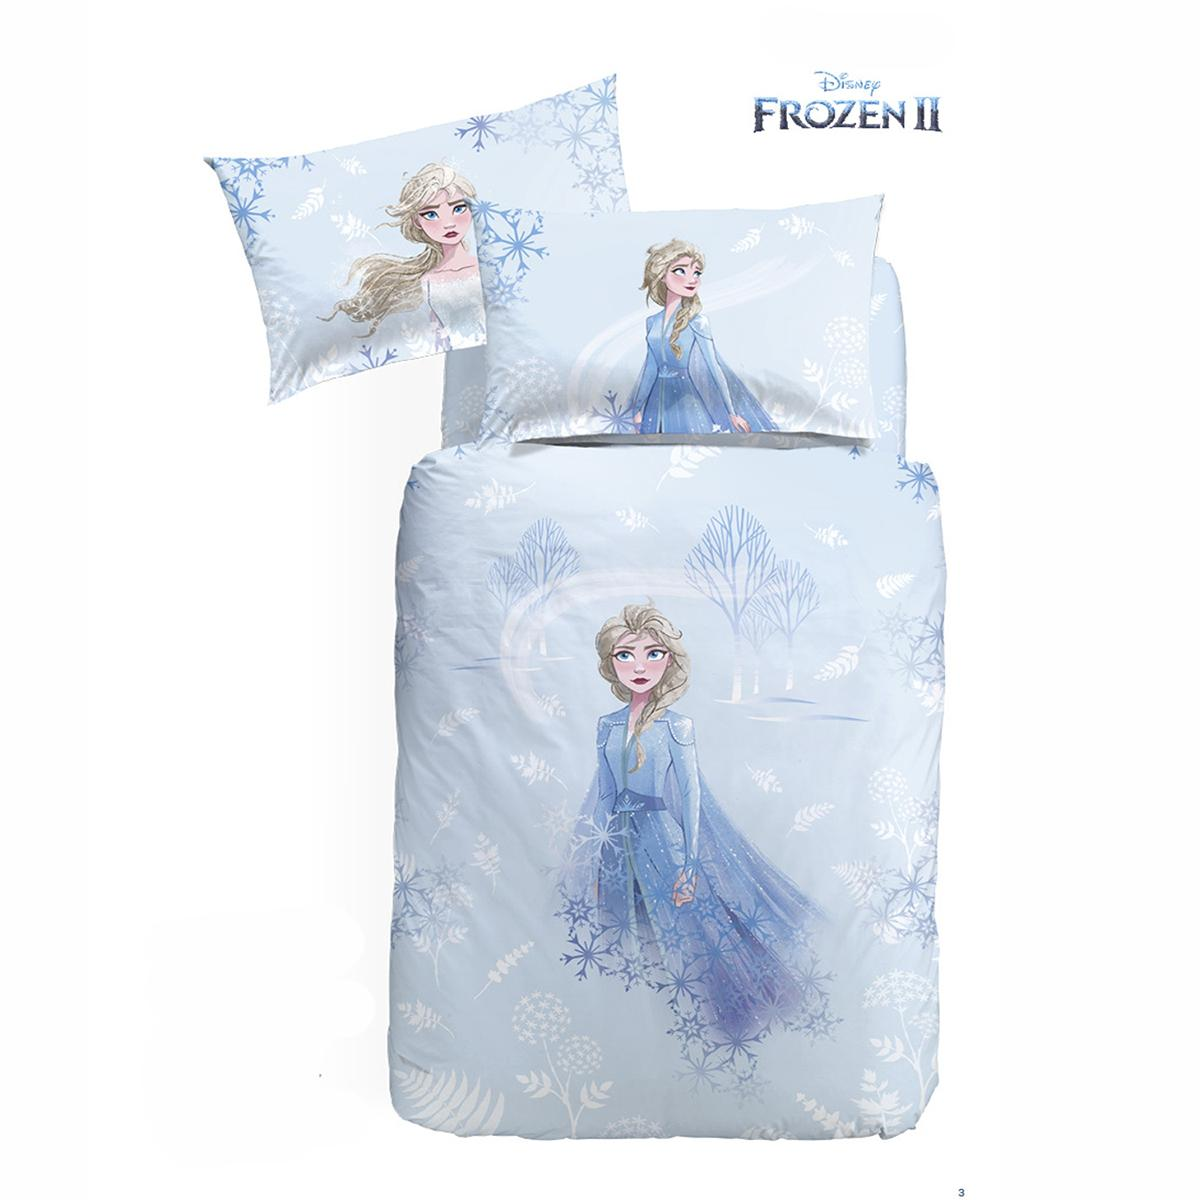 Copripiumino Milan Singolo.Frozen Elsa Copripiumino Letto Singolo 1 Piazza Disney Caleffi